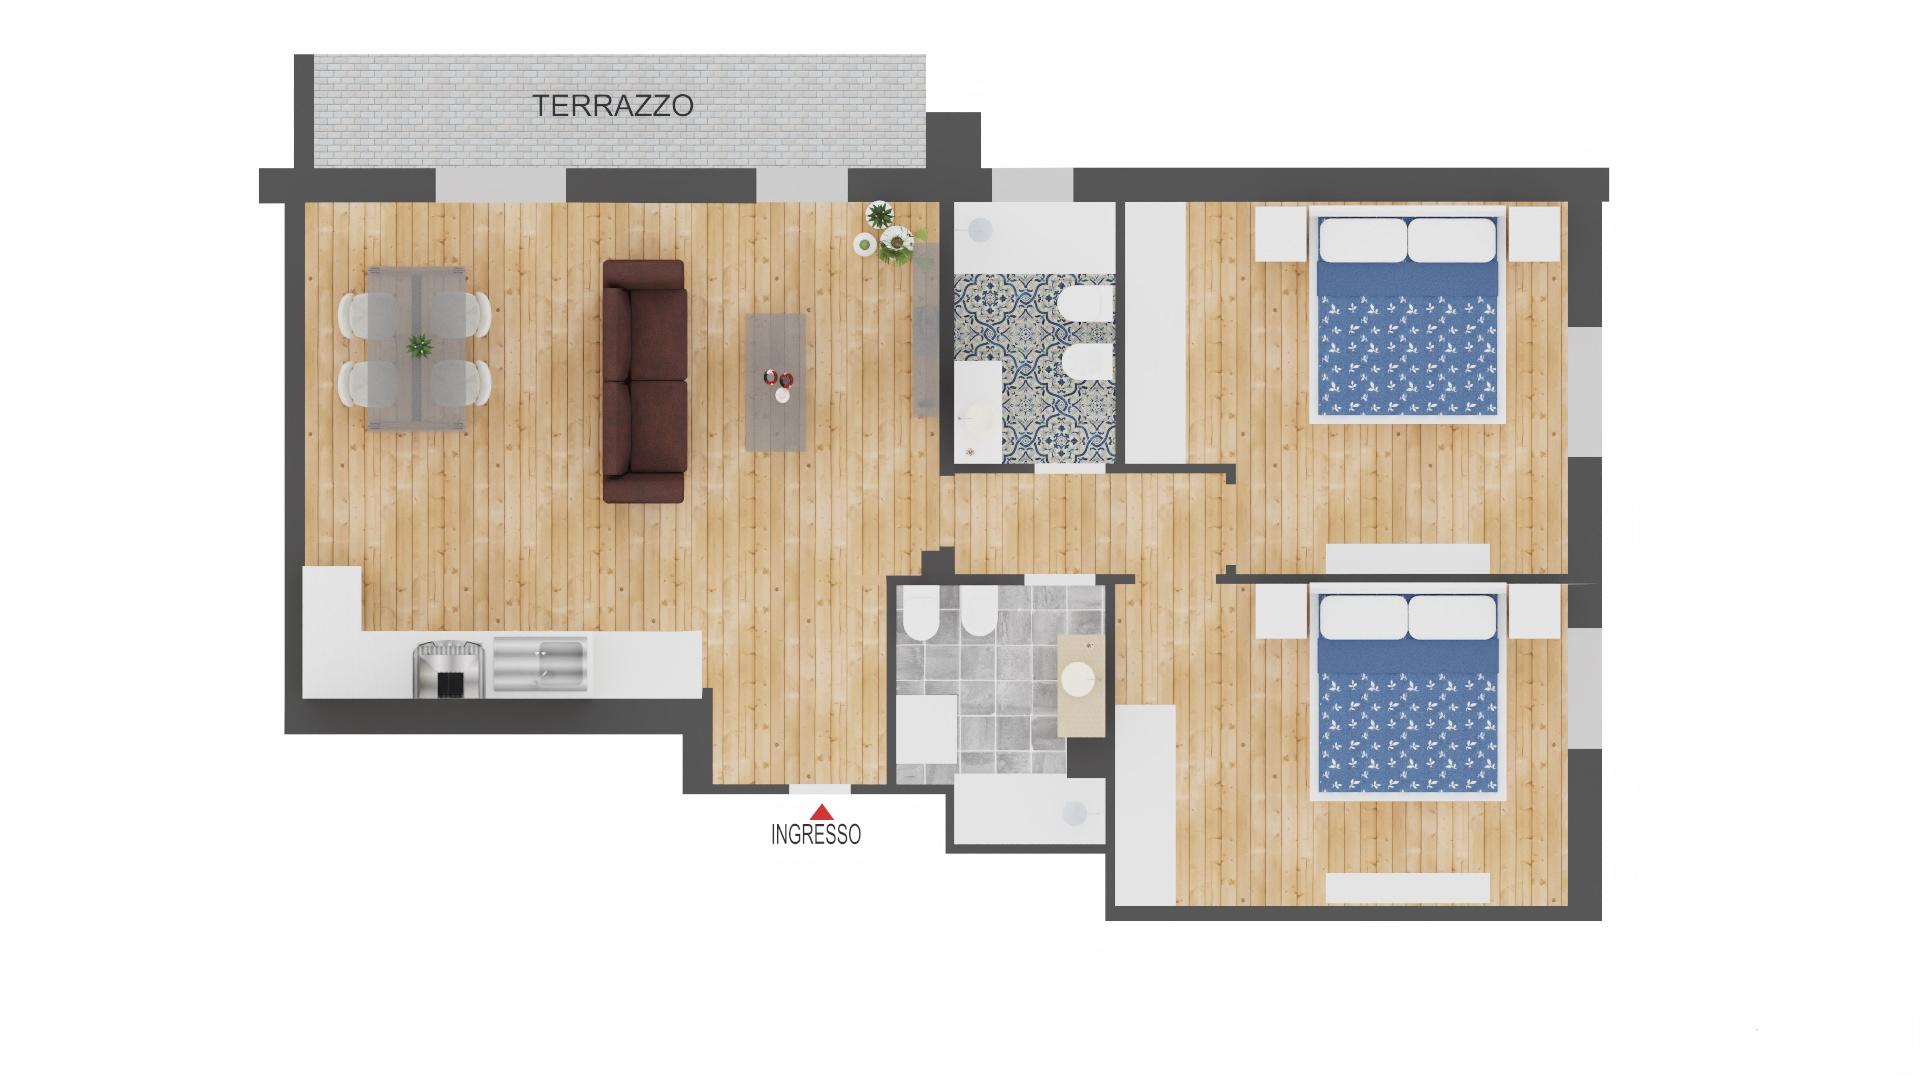 Mazzini Via Orlandi 90 mq. con garage nuovo da impresa 265.000